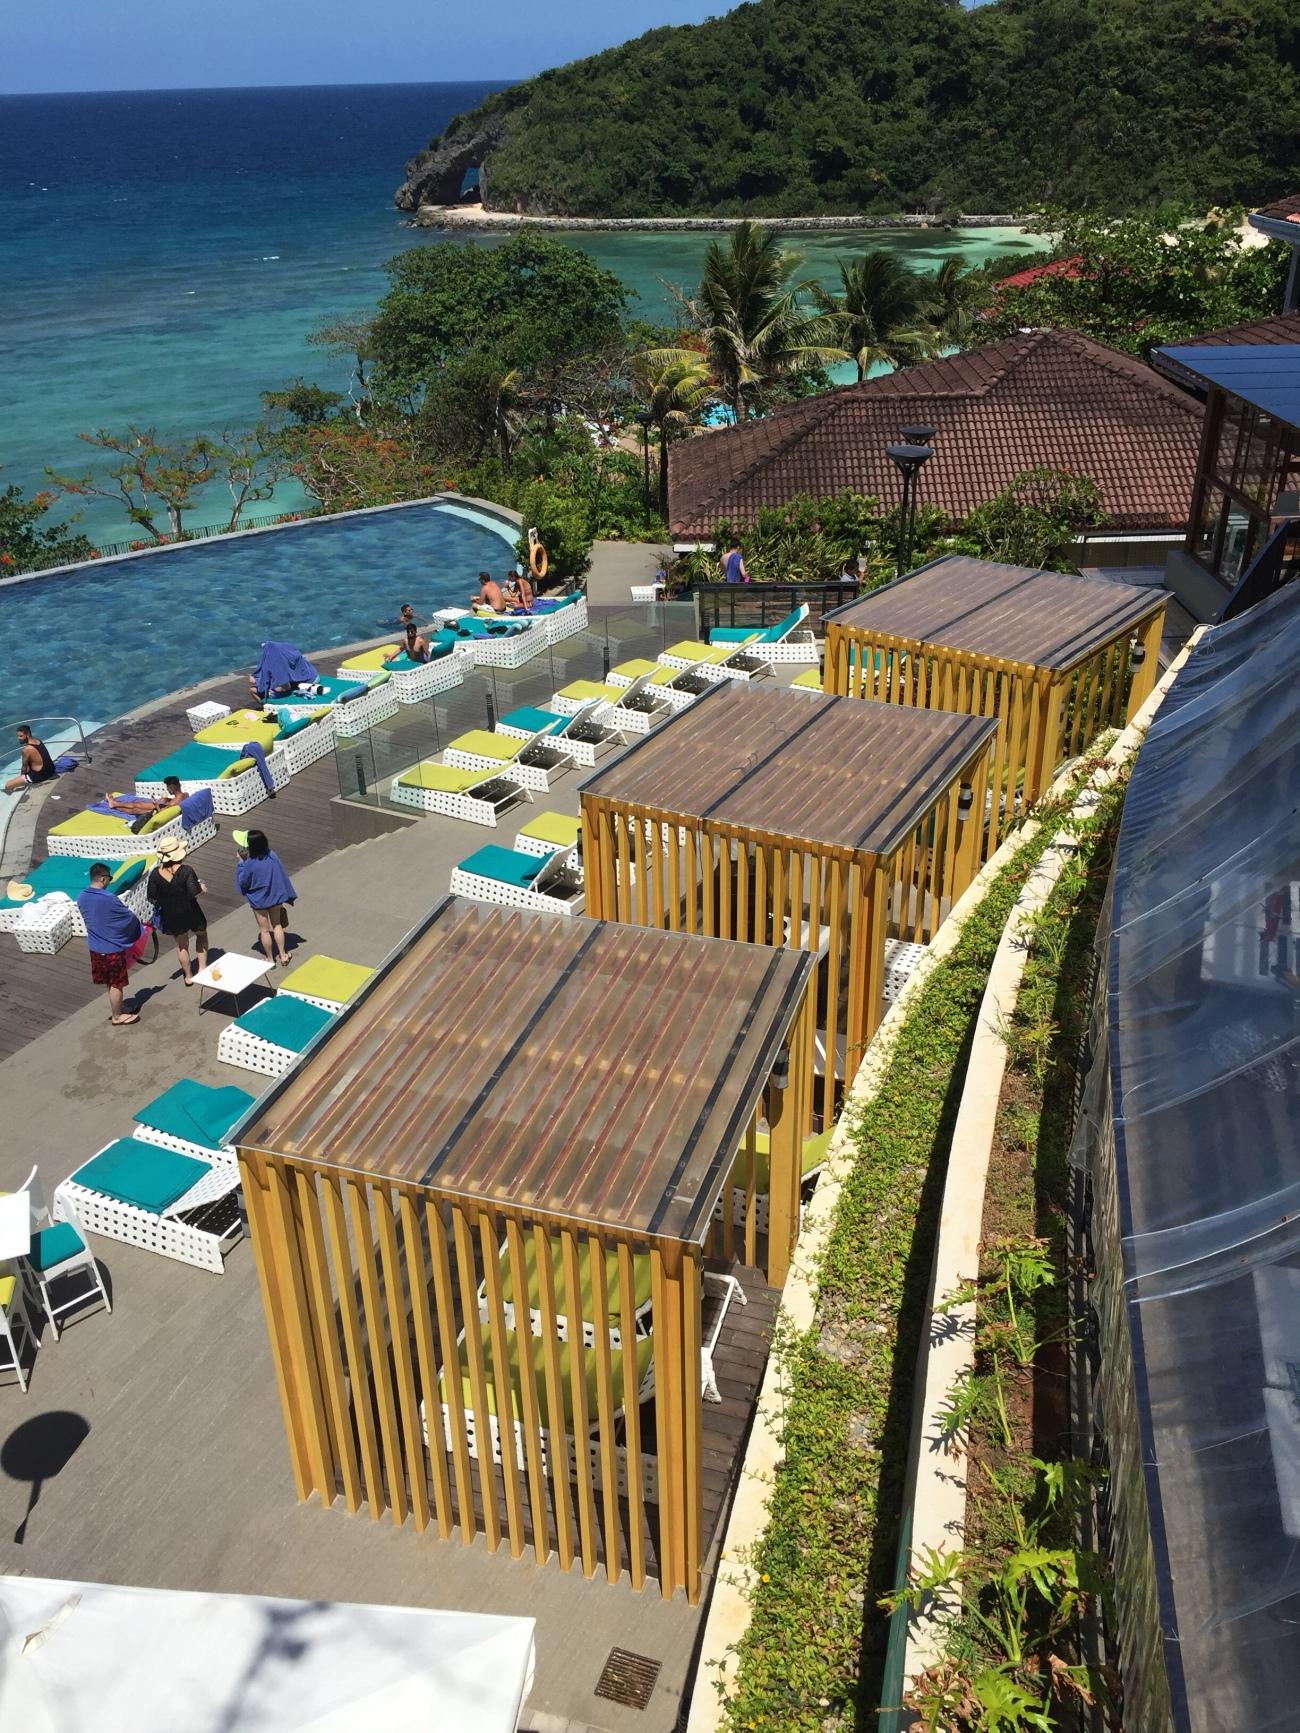 View 5 ventana pool